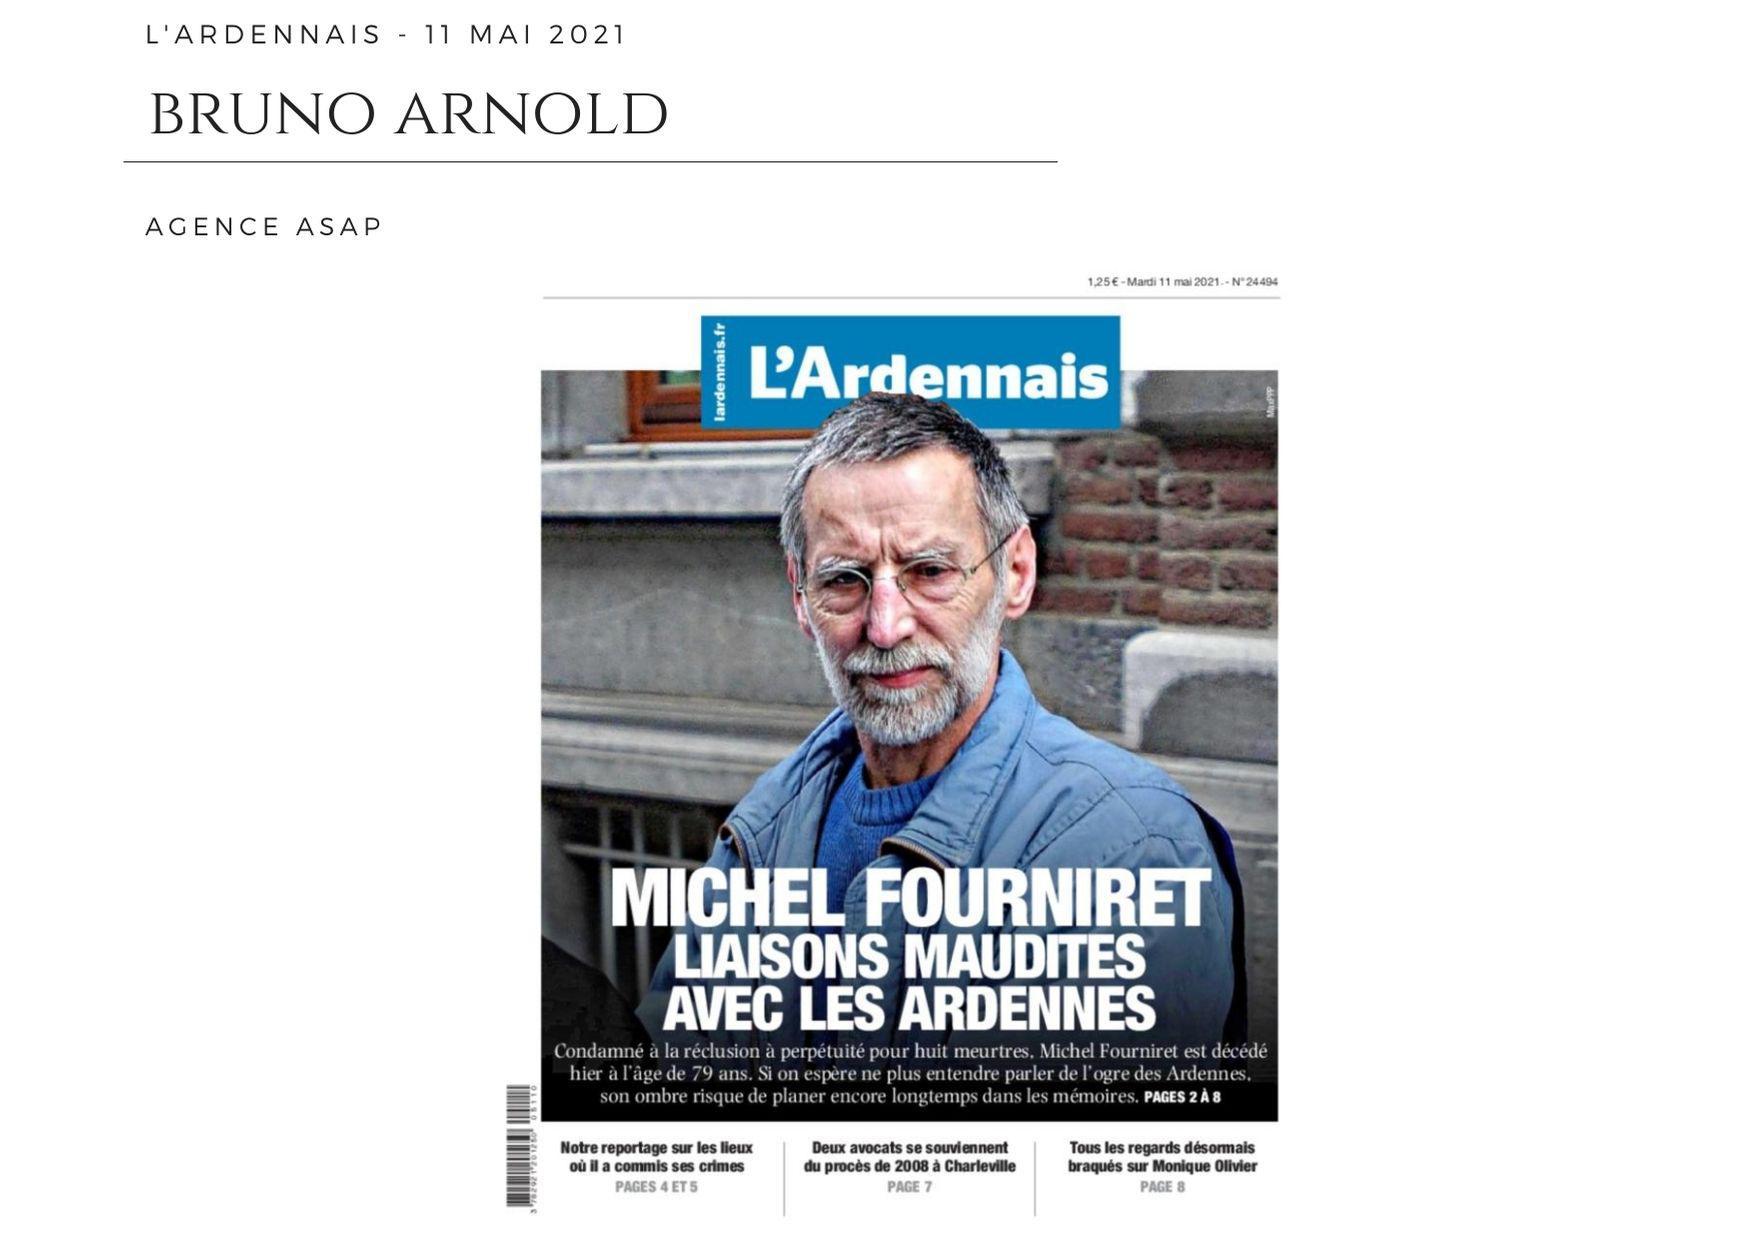 L'Ardennais - 11 mai 2021